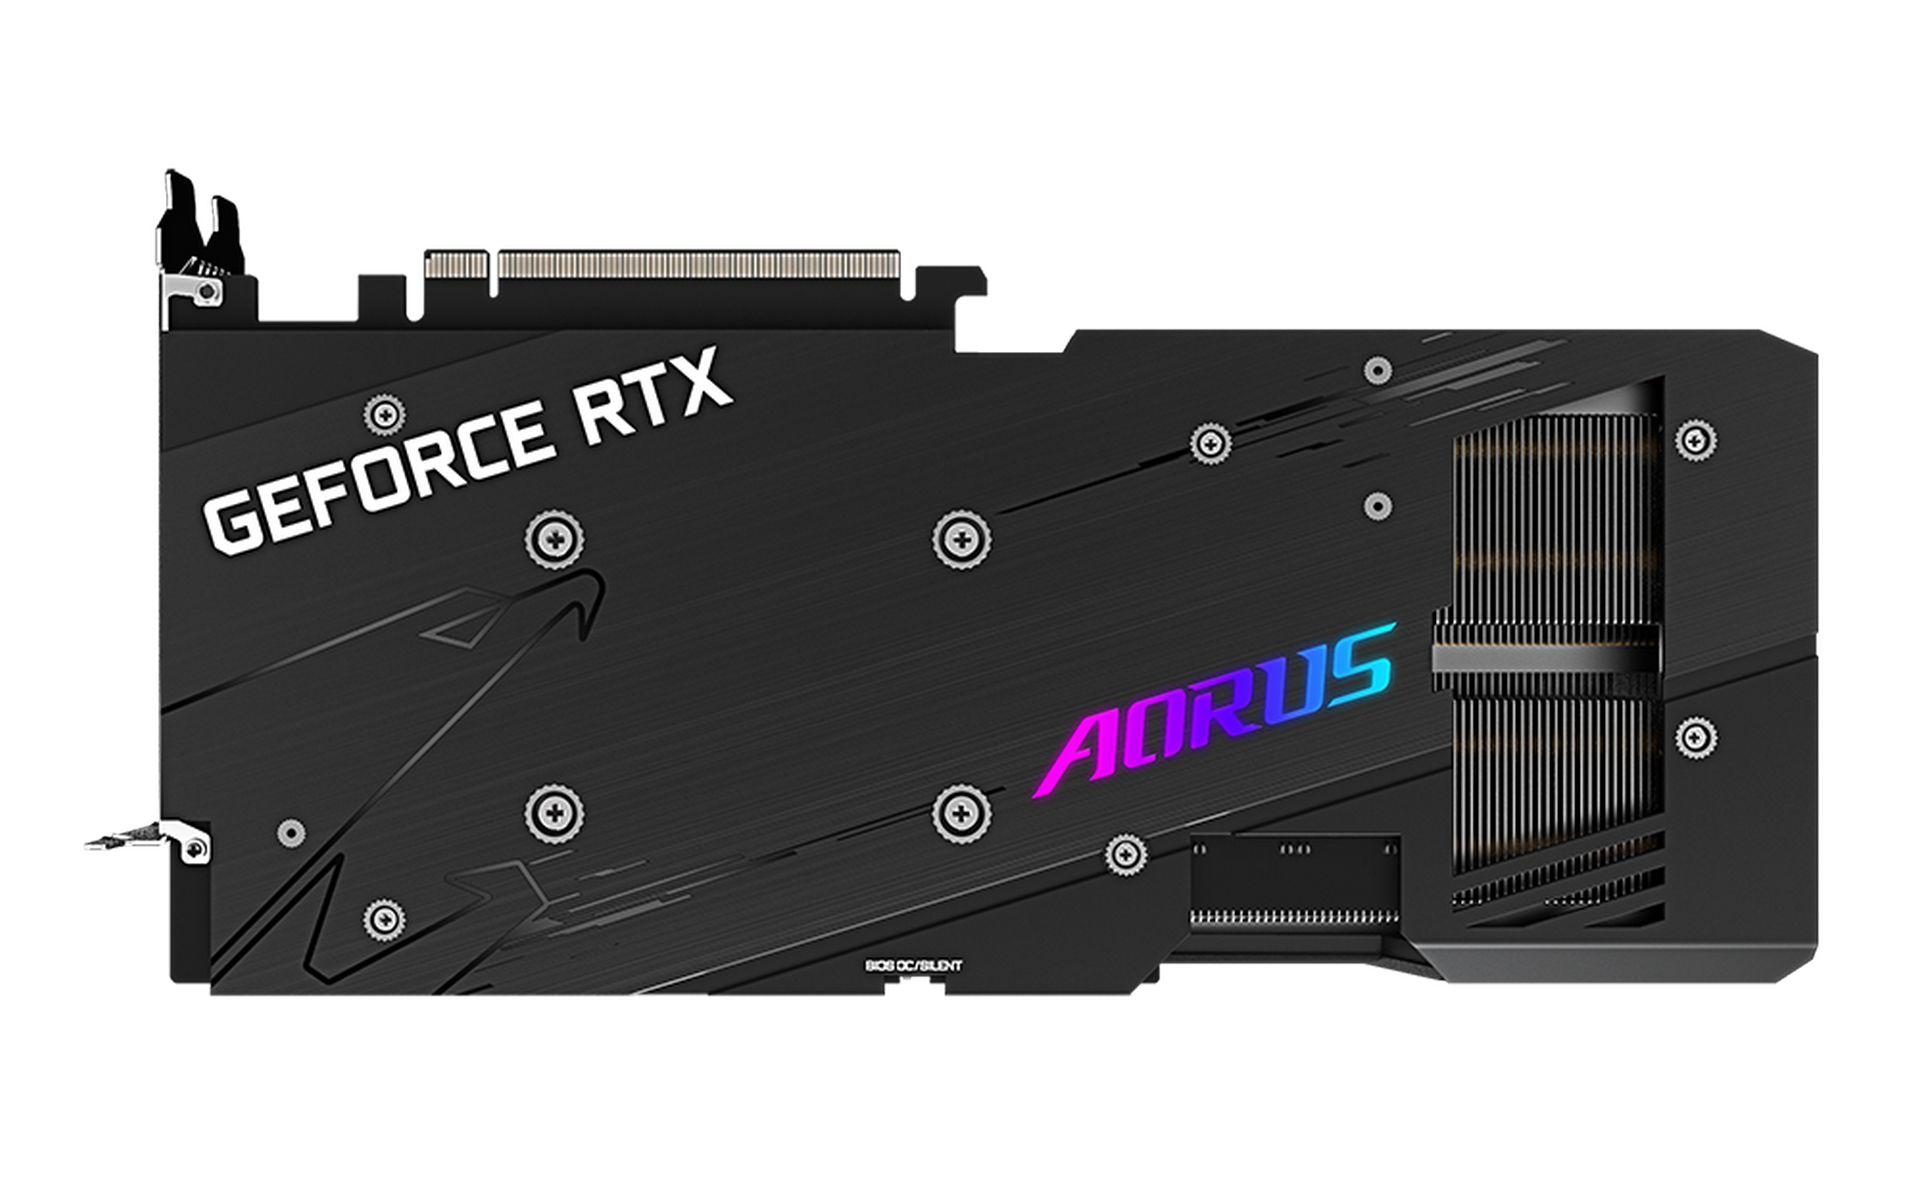 Gigabyte AORUS GeForce RTX 3070 MASTER 8G có diện tích của tản nhiệt lớn hơn